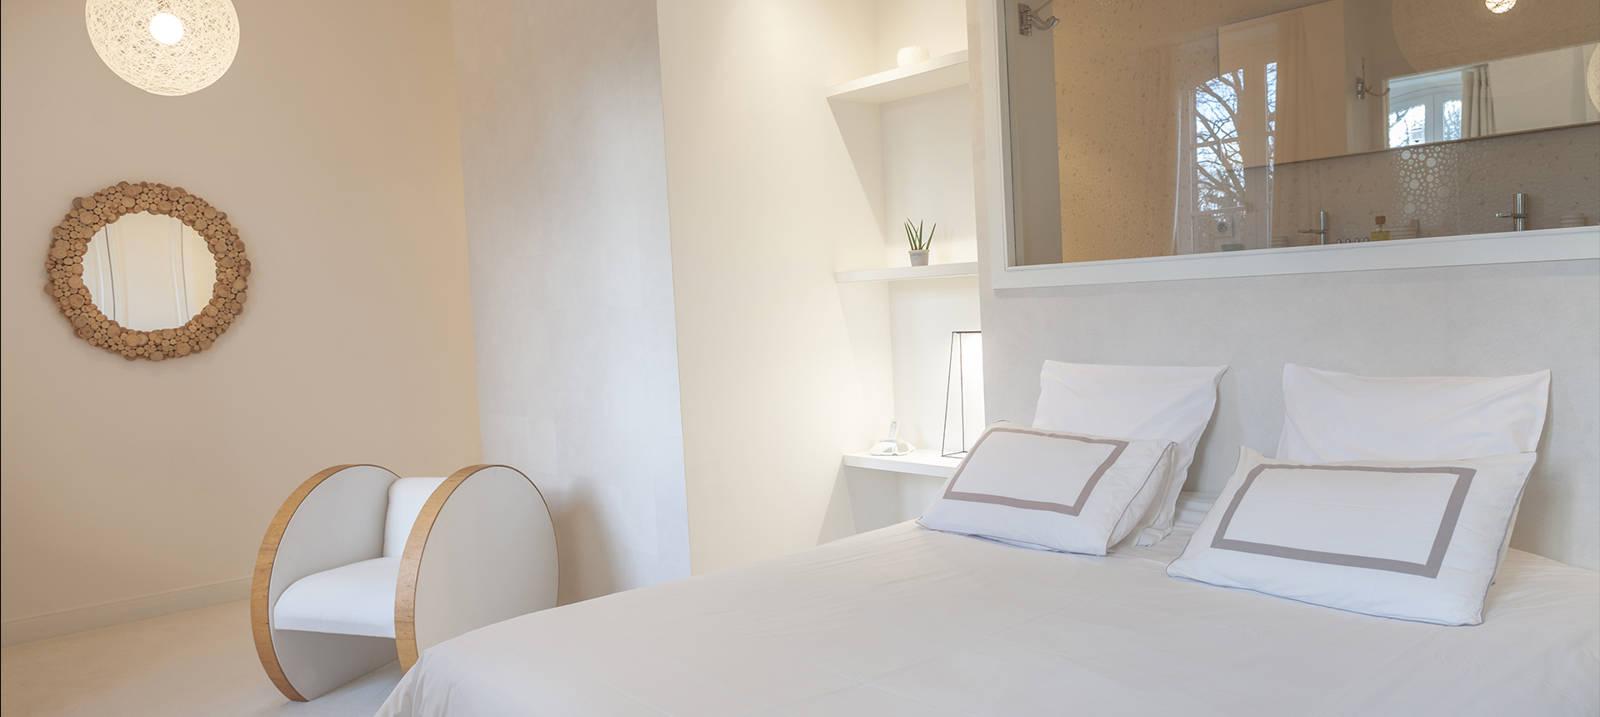 chambre d'hôtes de charme, 15 mn de lille | villa paula